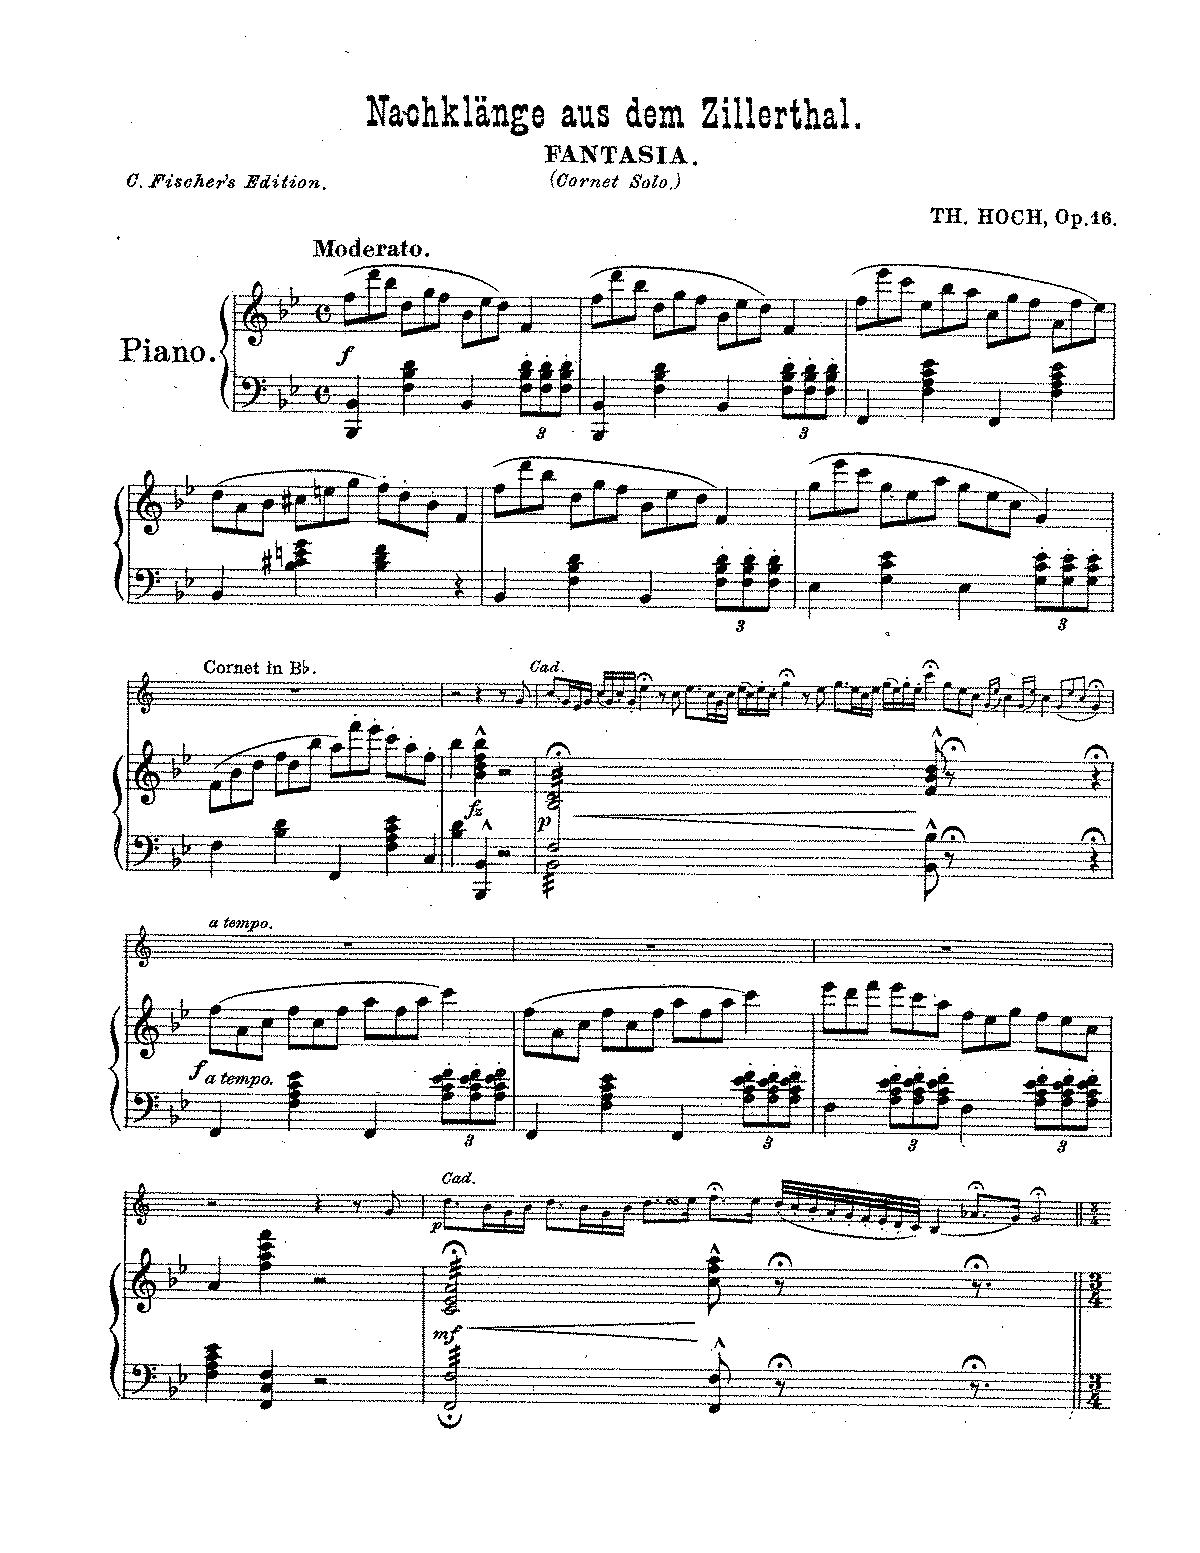 Nachklange aus dem Zillerthal, Op 16 (Hoch, Theodore) - IMSLP